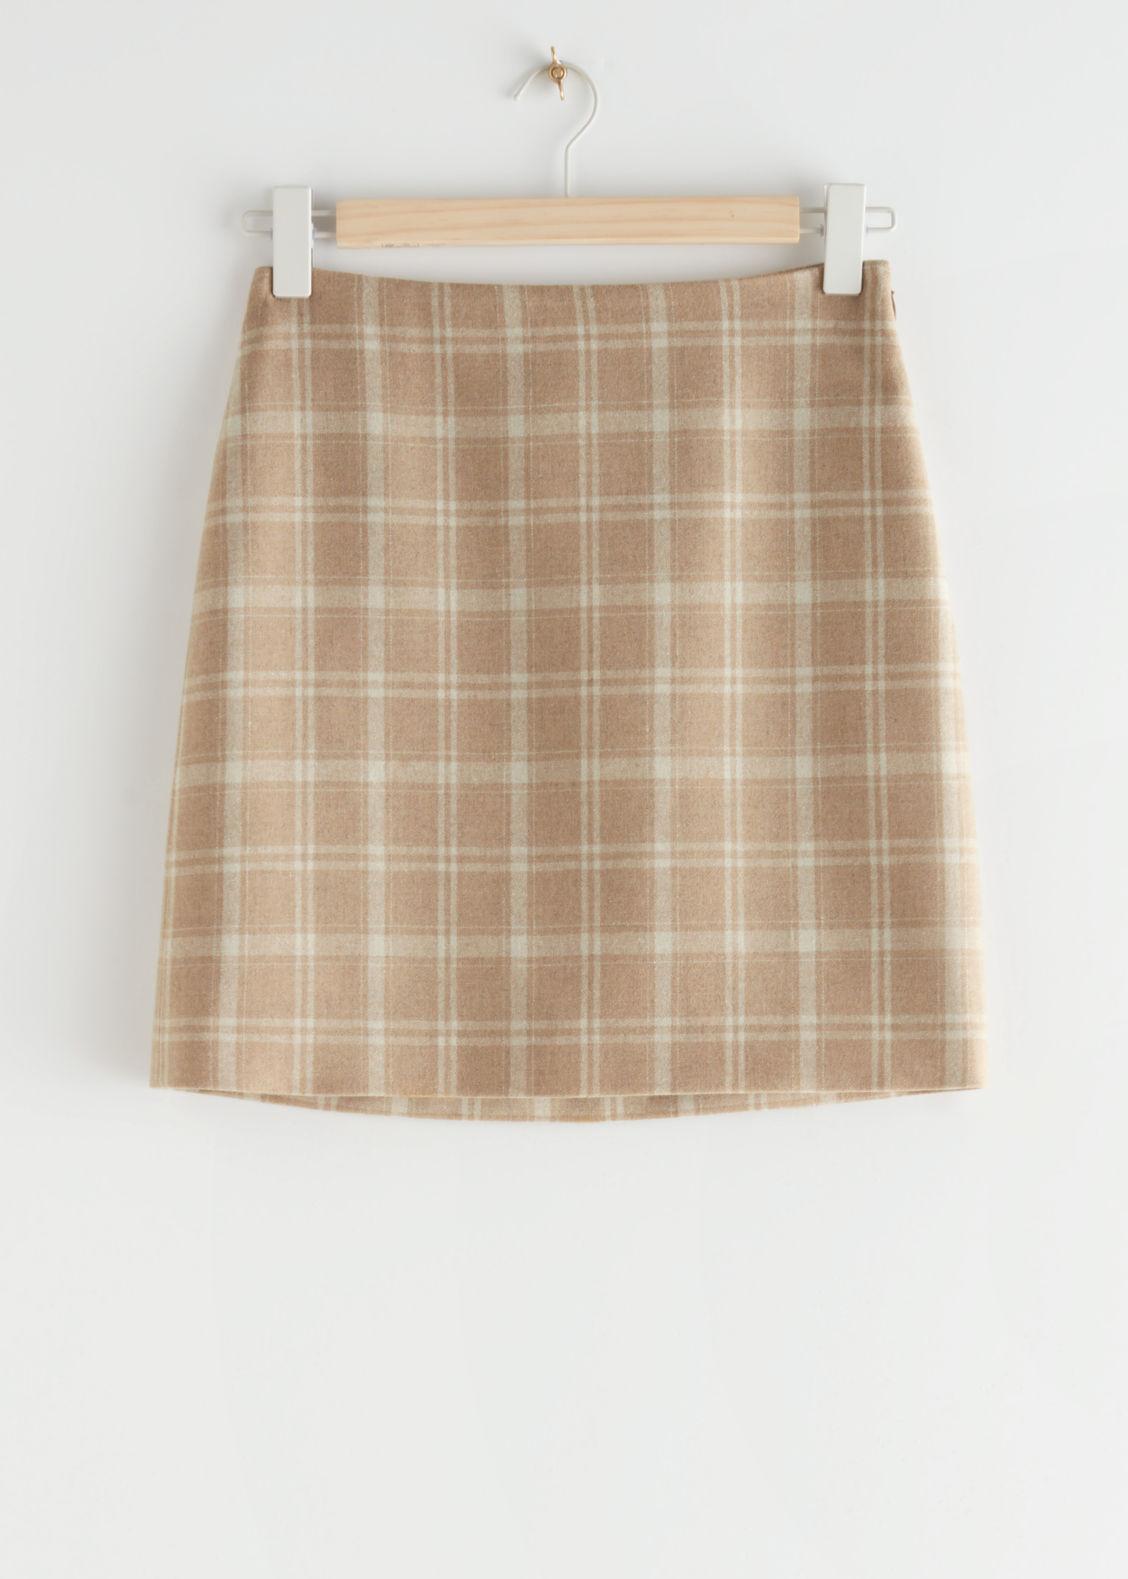 앤 아더 스토리즈 플레이드 미니 스커트 & OTHER STORIES Plaid Mini Skirt,Beige Checks